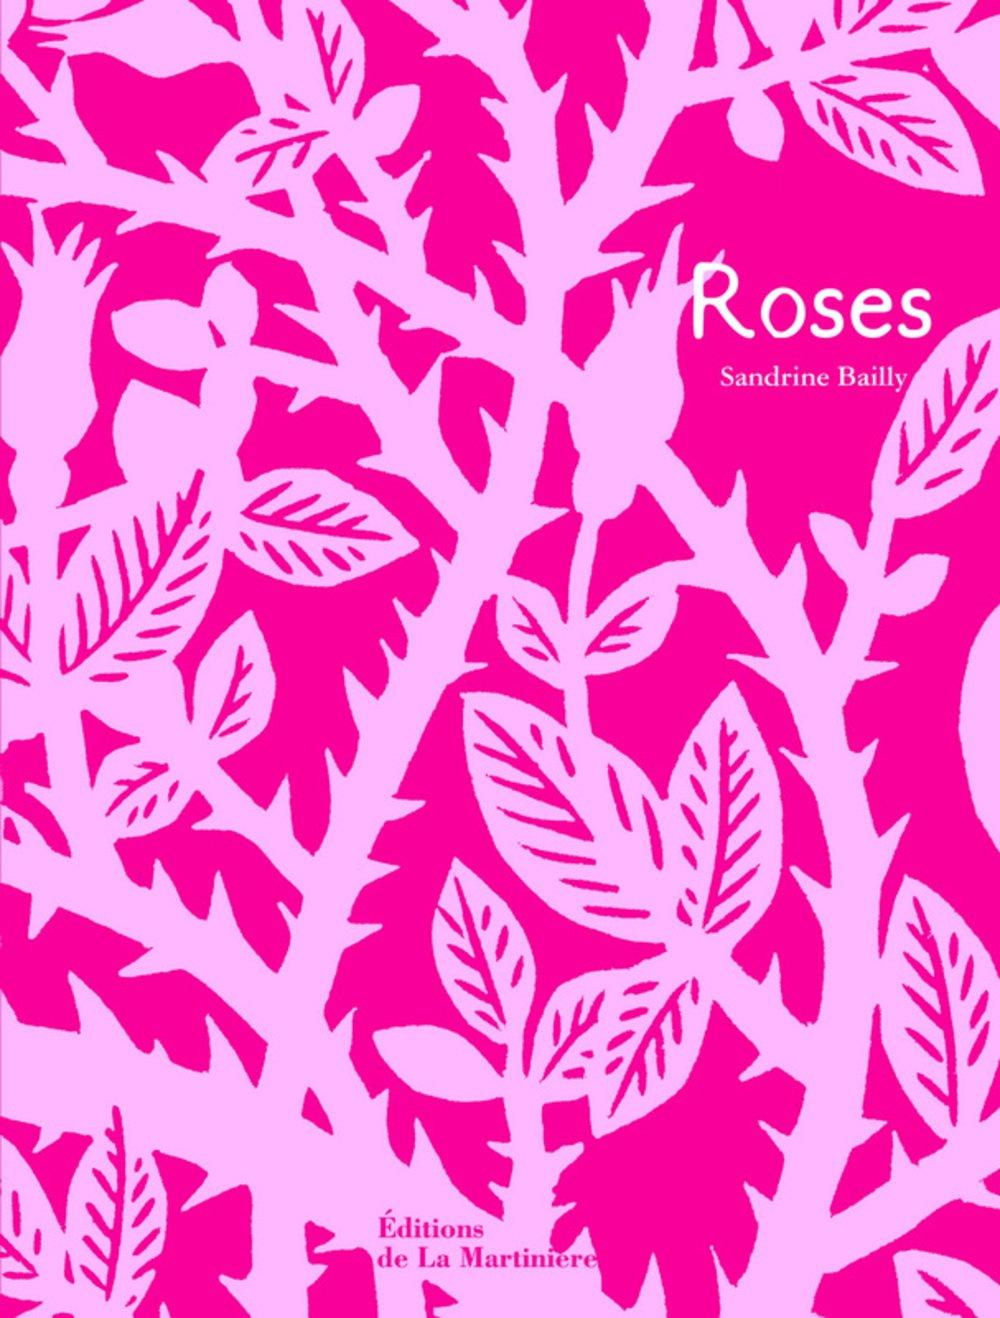 Roses Relié – 25 février 2010 Sandrine Bailly Editions de la Martinière 2732440841 1734